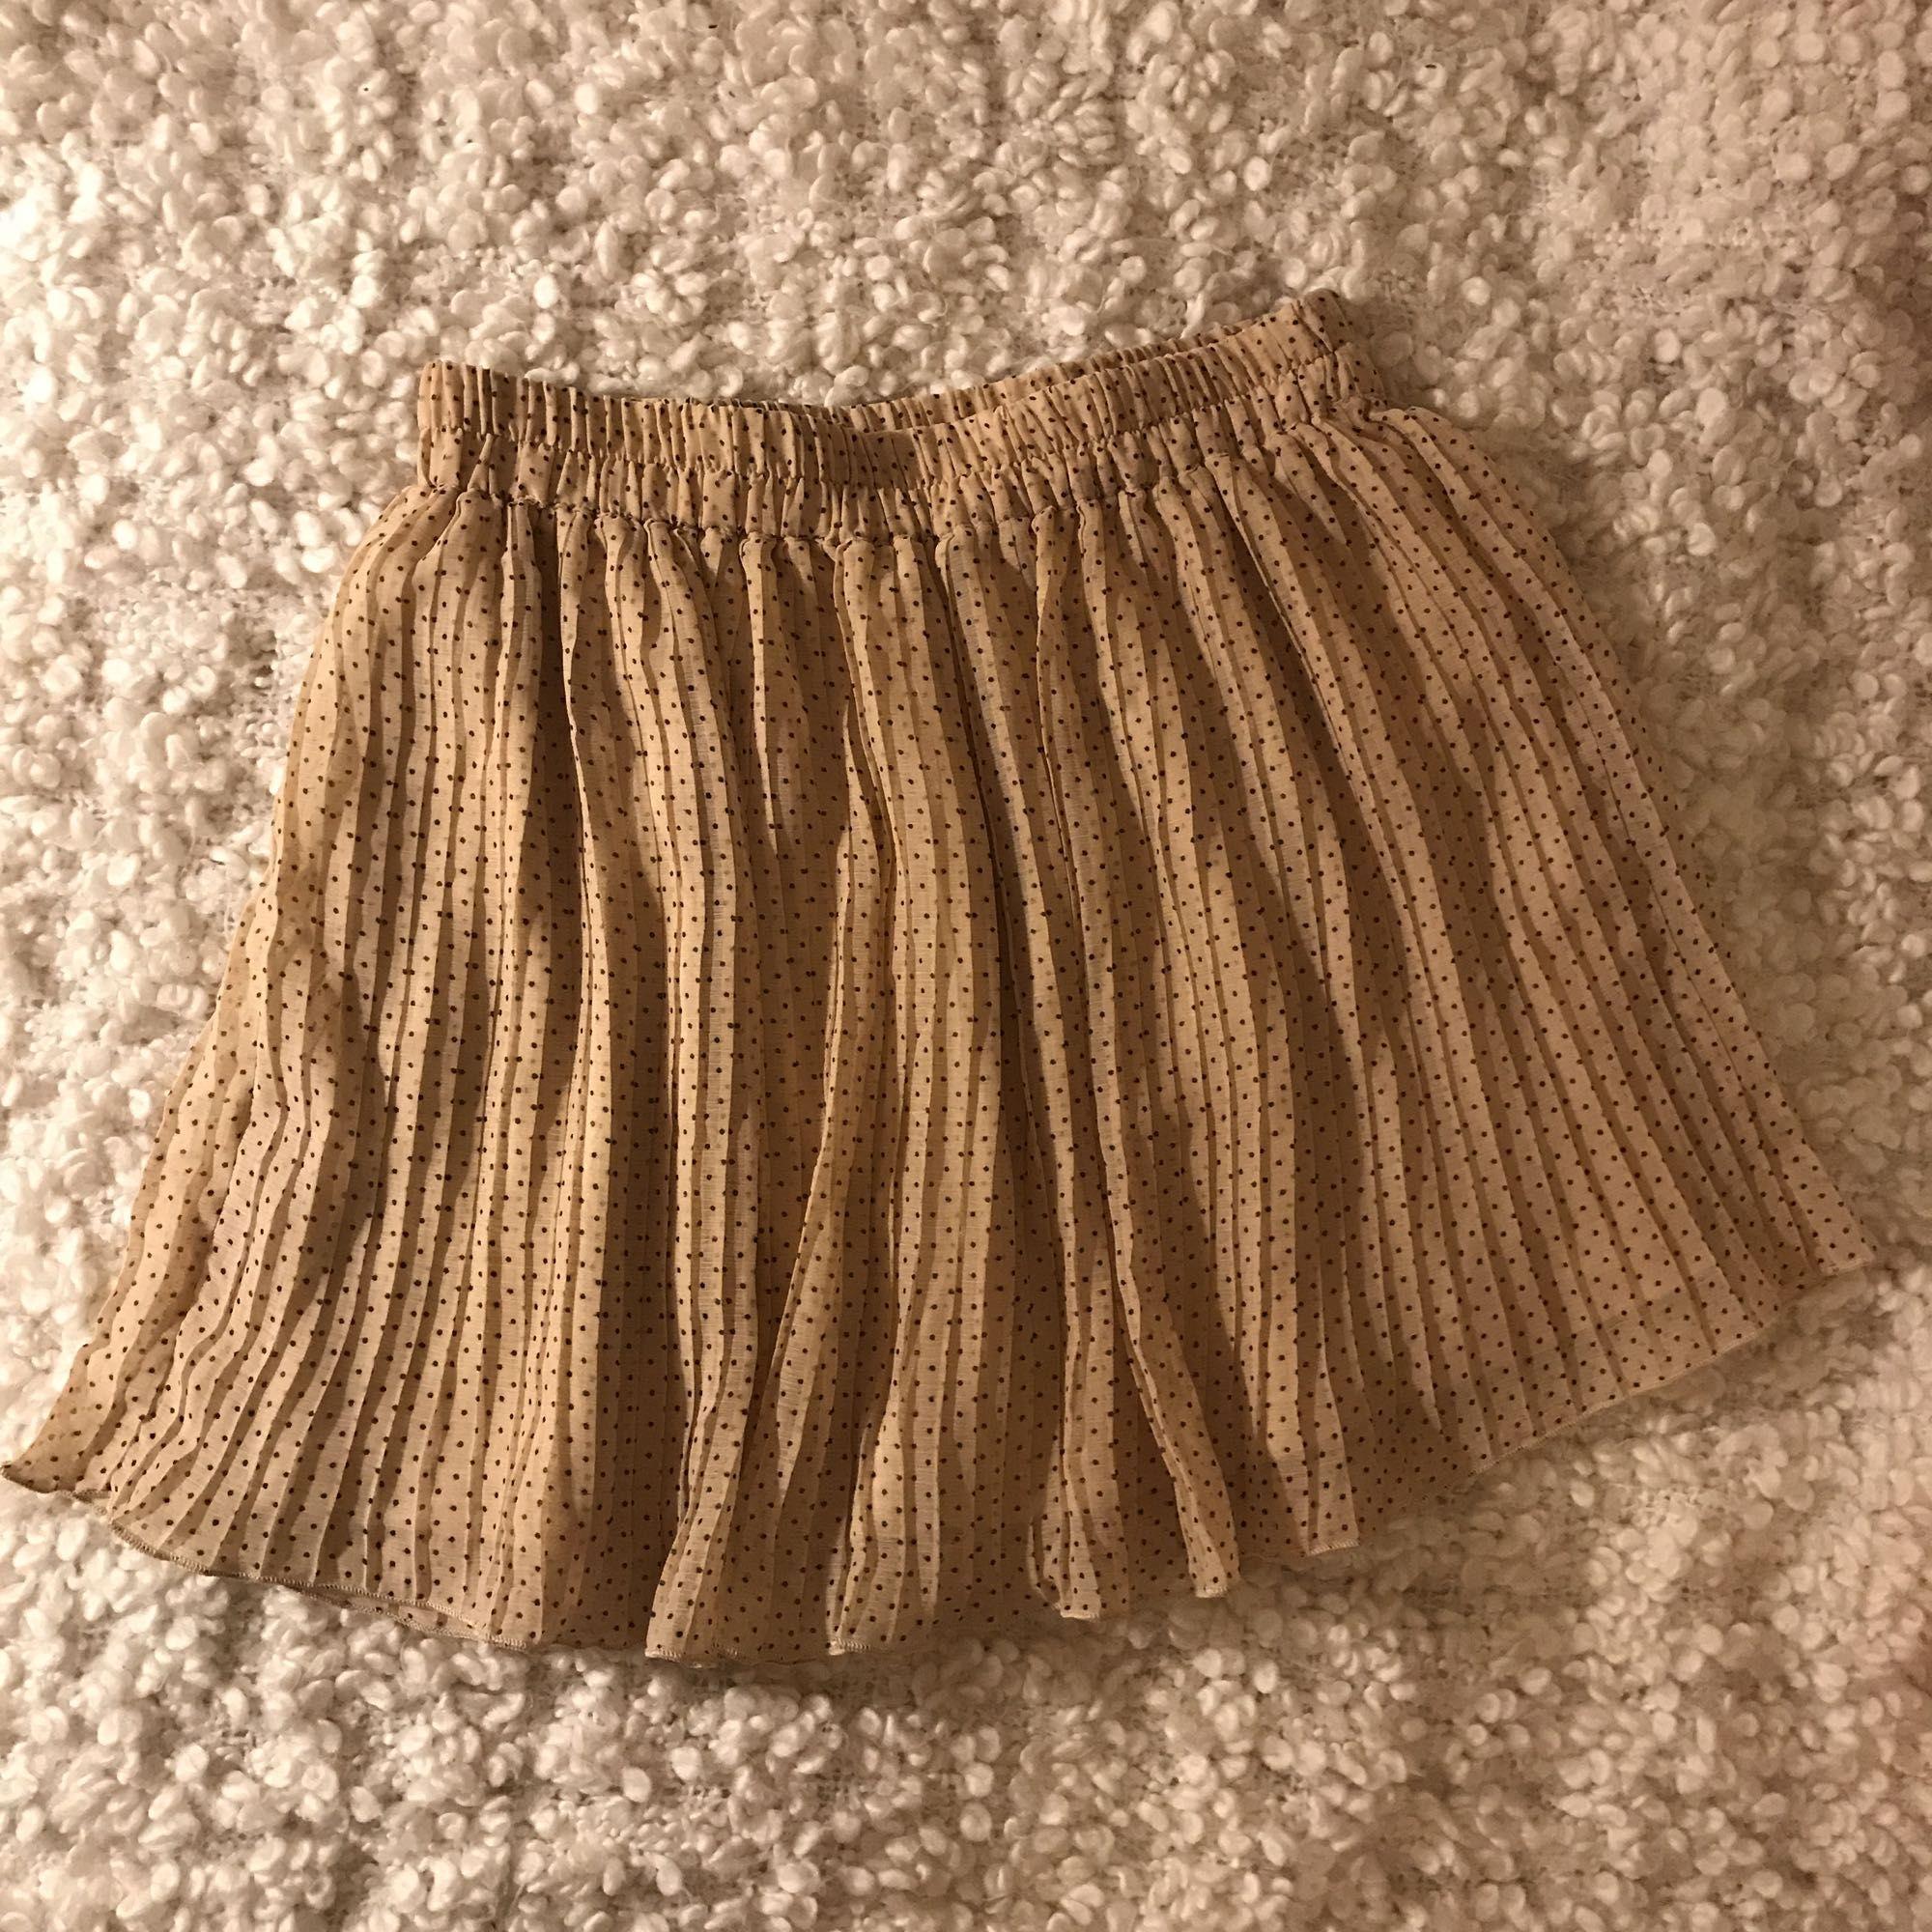 68d9dfffc7e8 Ljusrosa plisserad kjol med små prickar från monki. Säljes för 50kr plus  frakt 🌸.